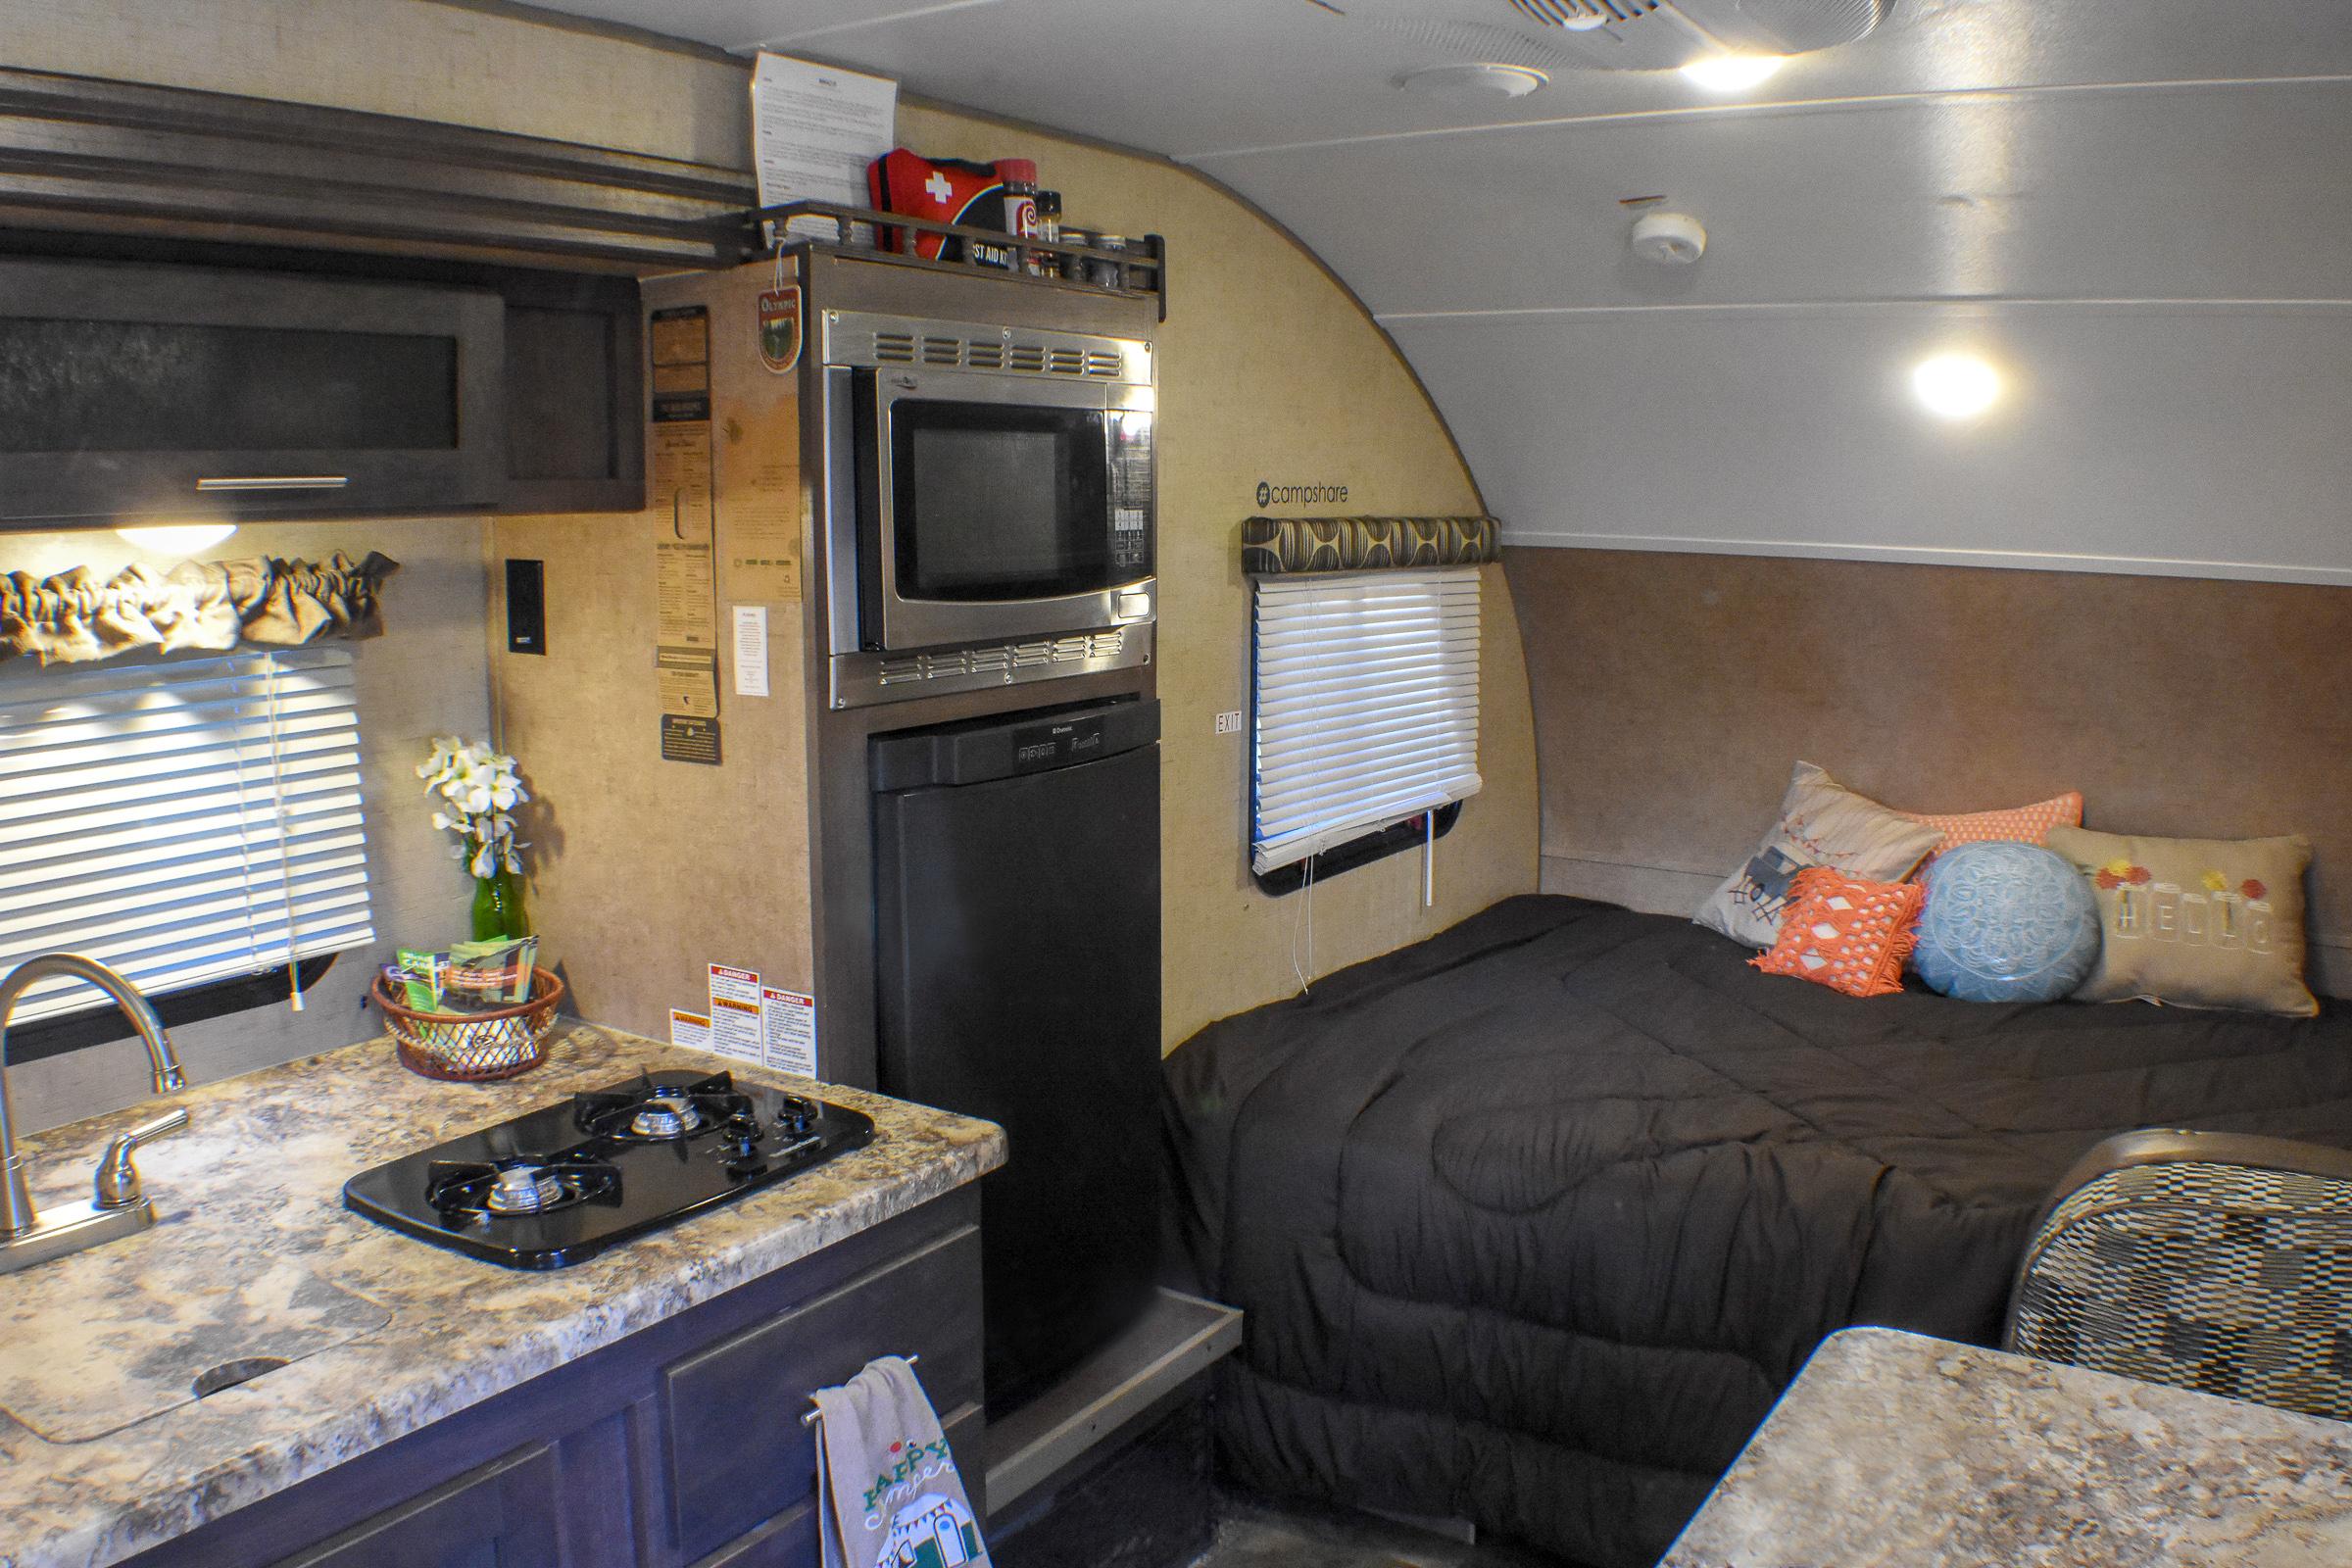 Campshare Muskegon Camper Rentals 13.jpg